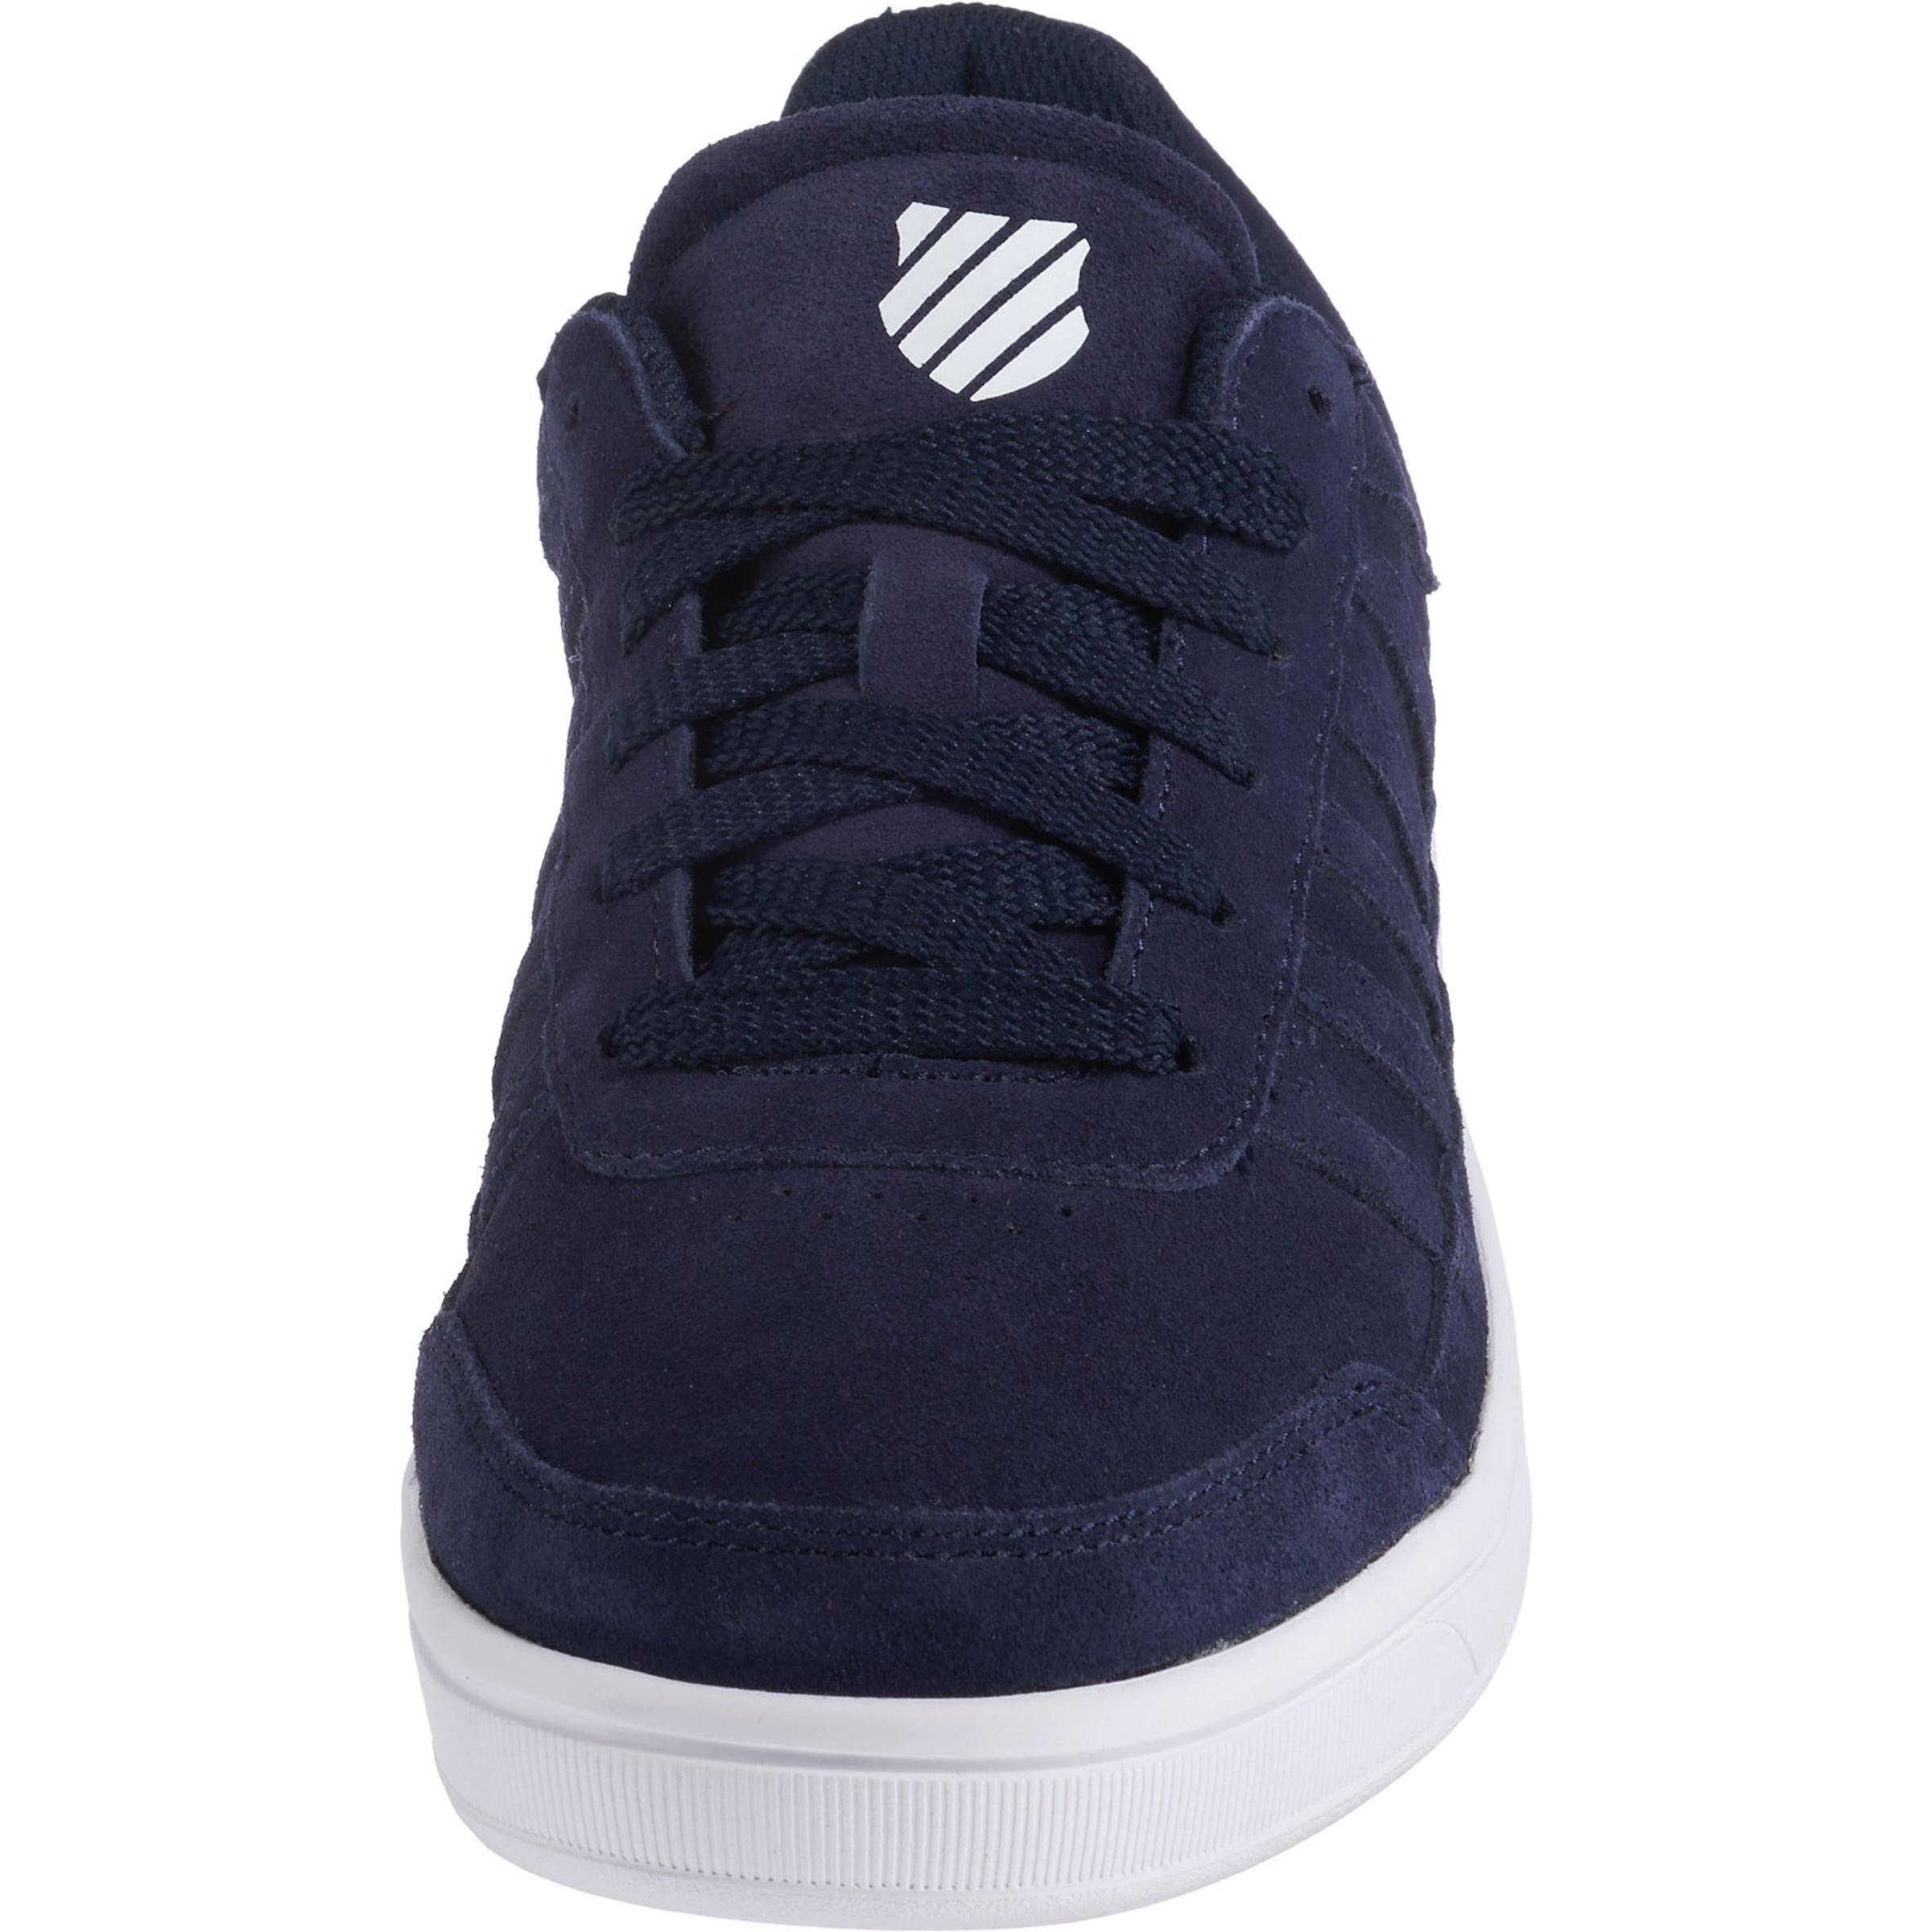 Sneakers swiss K Sneakers In In K NachtblauWeiß NachtblauWeiß swiss l3TcuFJK1